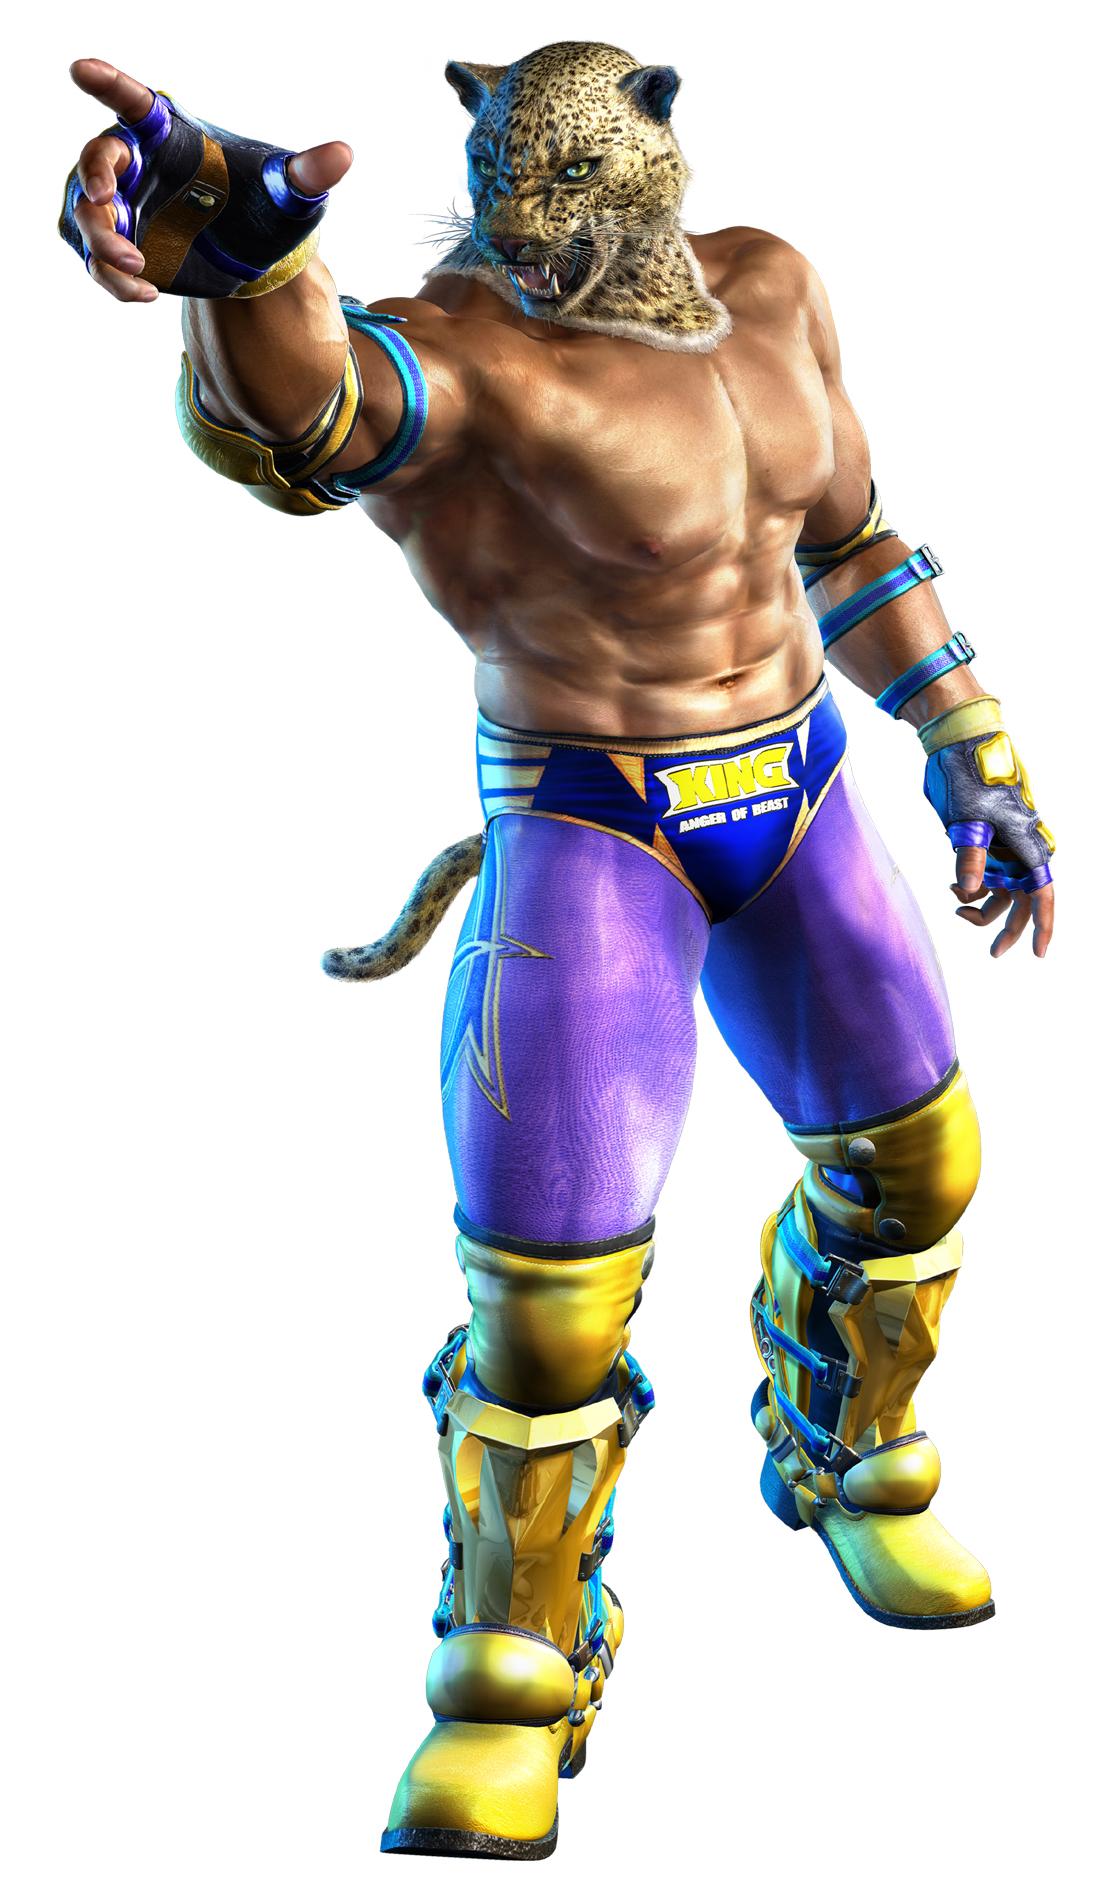 King (Tekken